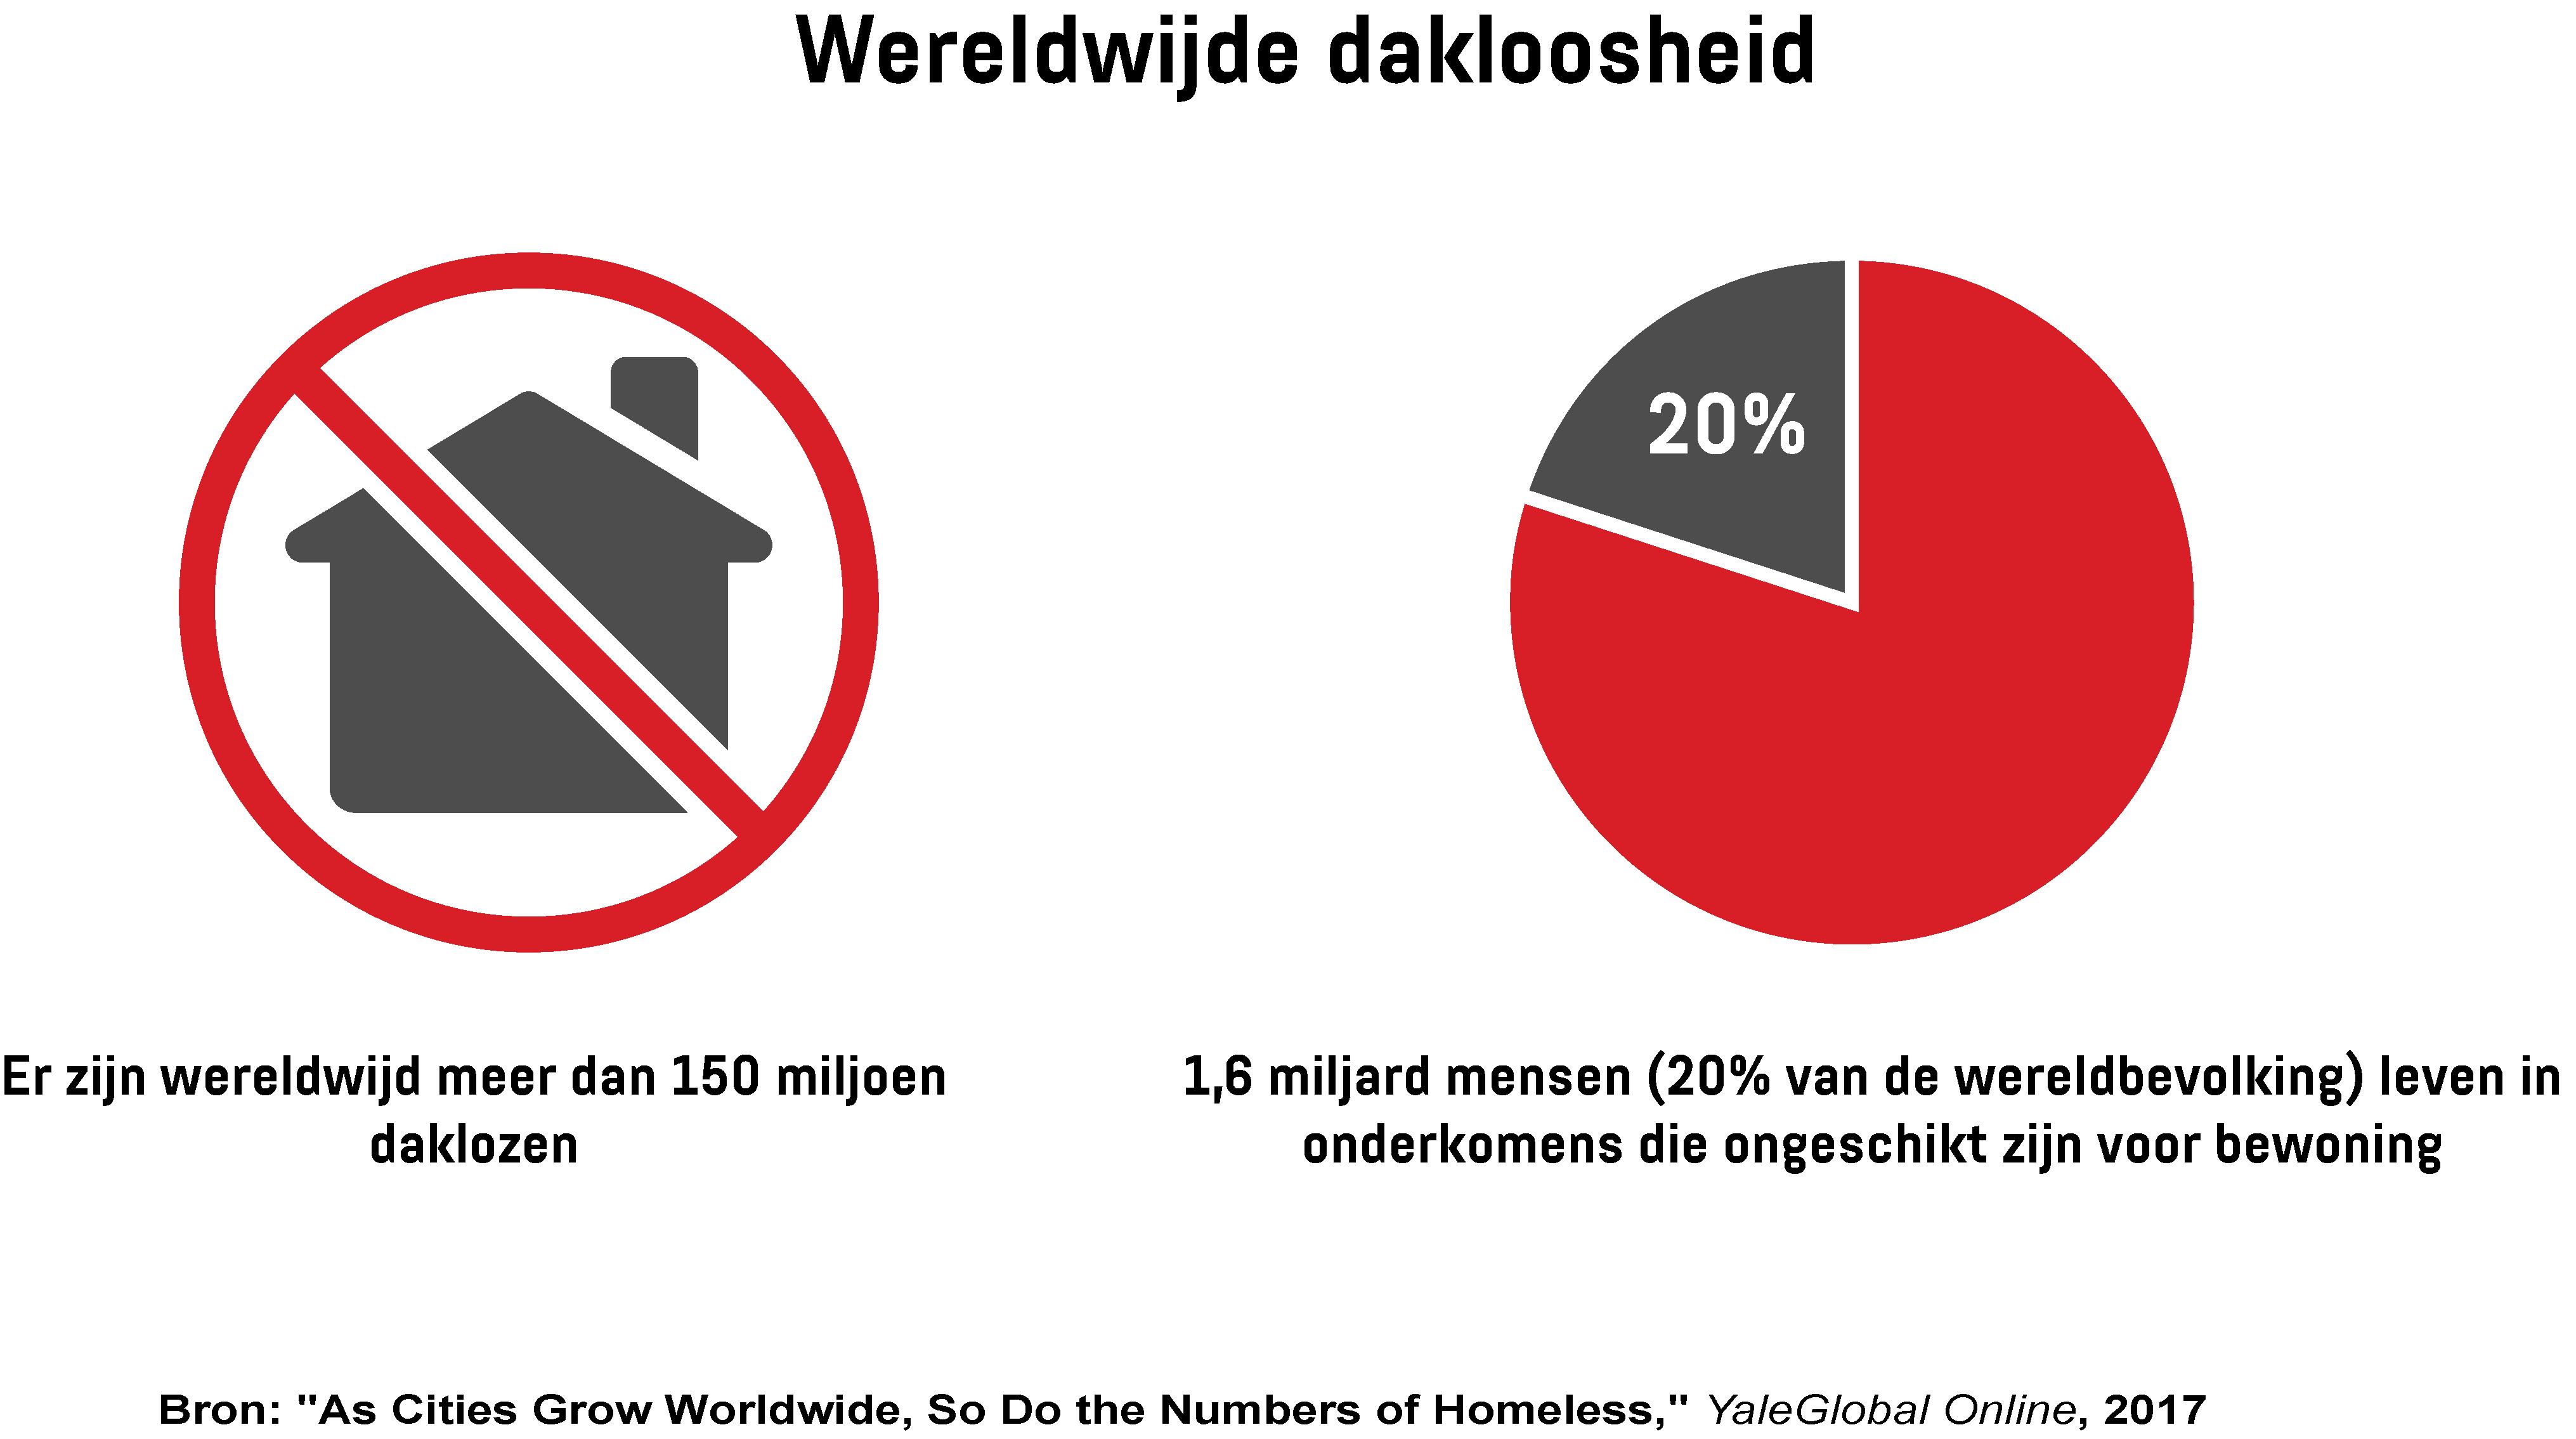 Een infographic met het geschatte aantal daklozen in de wereld en het aantal dat leeft in onderkomens die ongeschikt zijn voor bewoning.